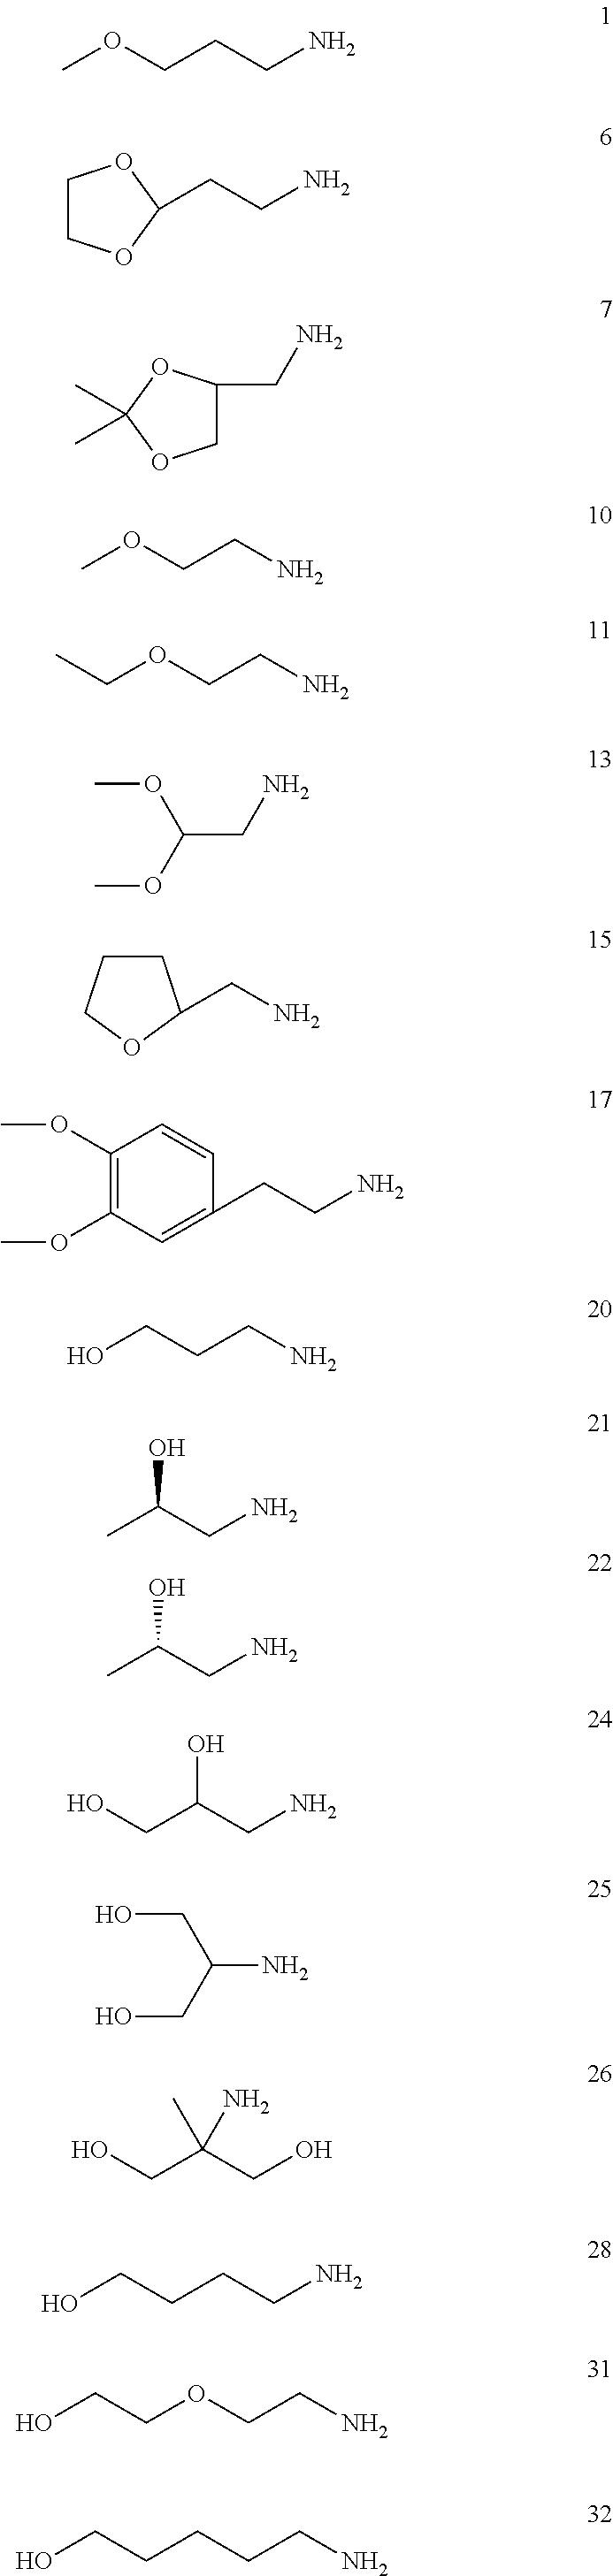 Figure US20110009641A1-20110113-C00280